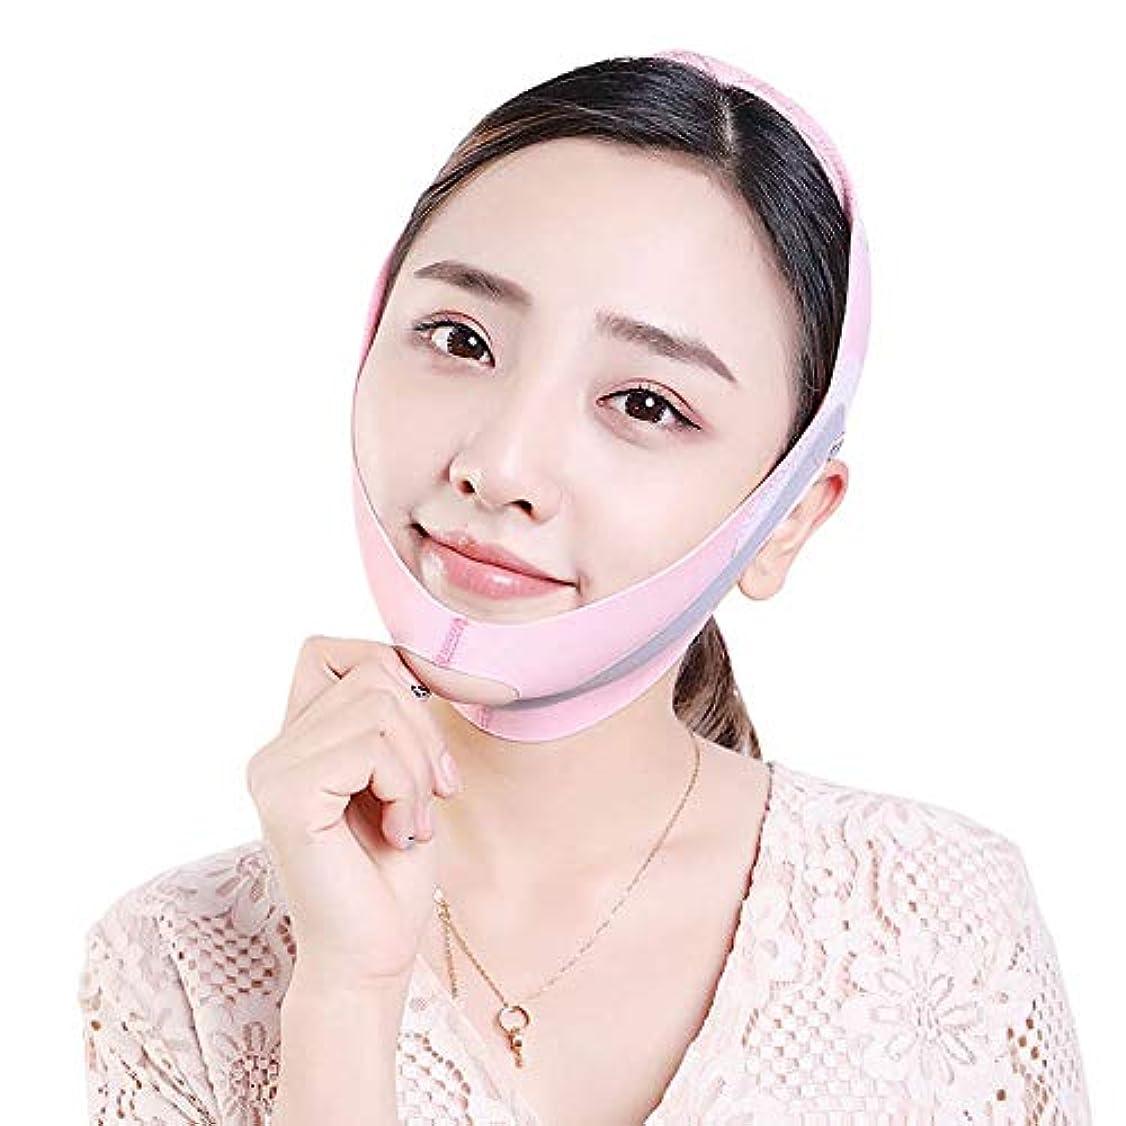 試してみる放つ一掃するGYZ たるみを防ぐために顔を持ち上げるために筋肉を引き締めるために二重あごのステッカーとラインを削除するために、顔を持ち上げるアーティファクト包帯があります - ピンク Thin Face Belt